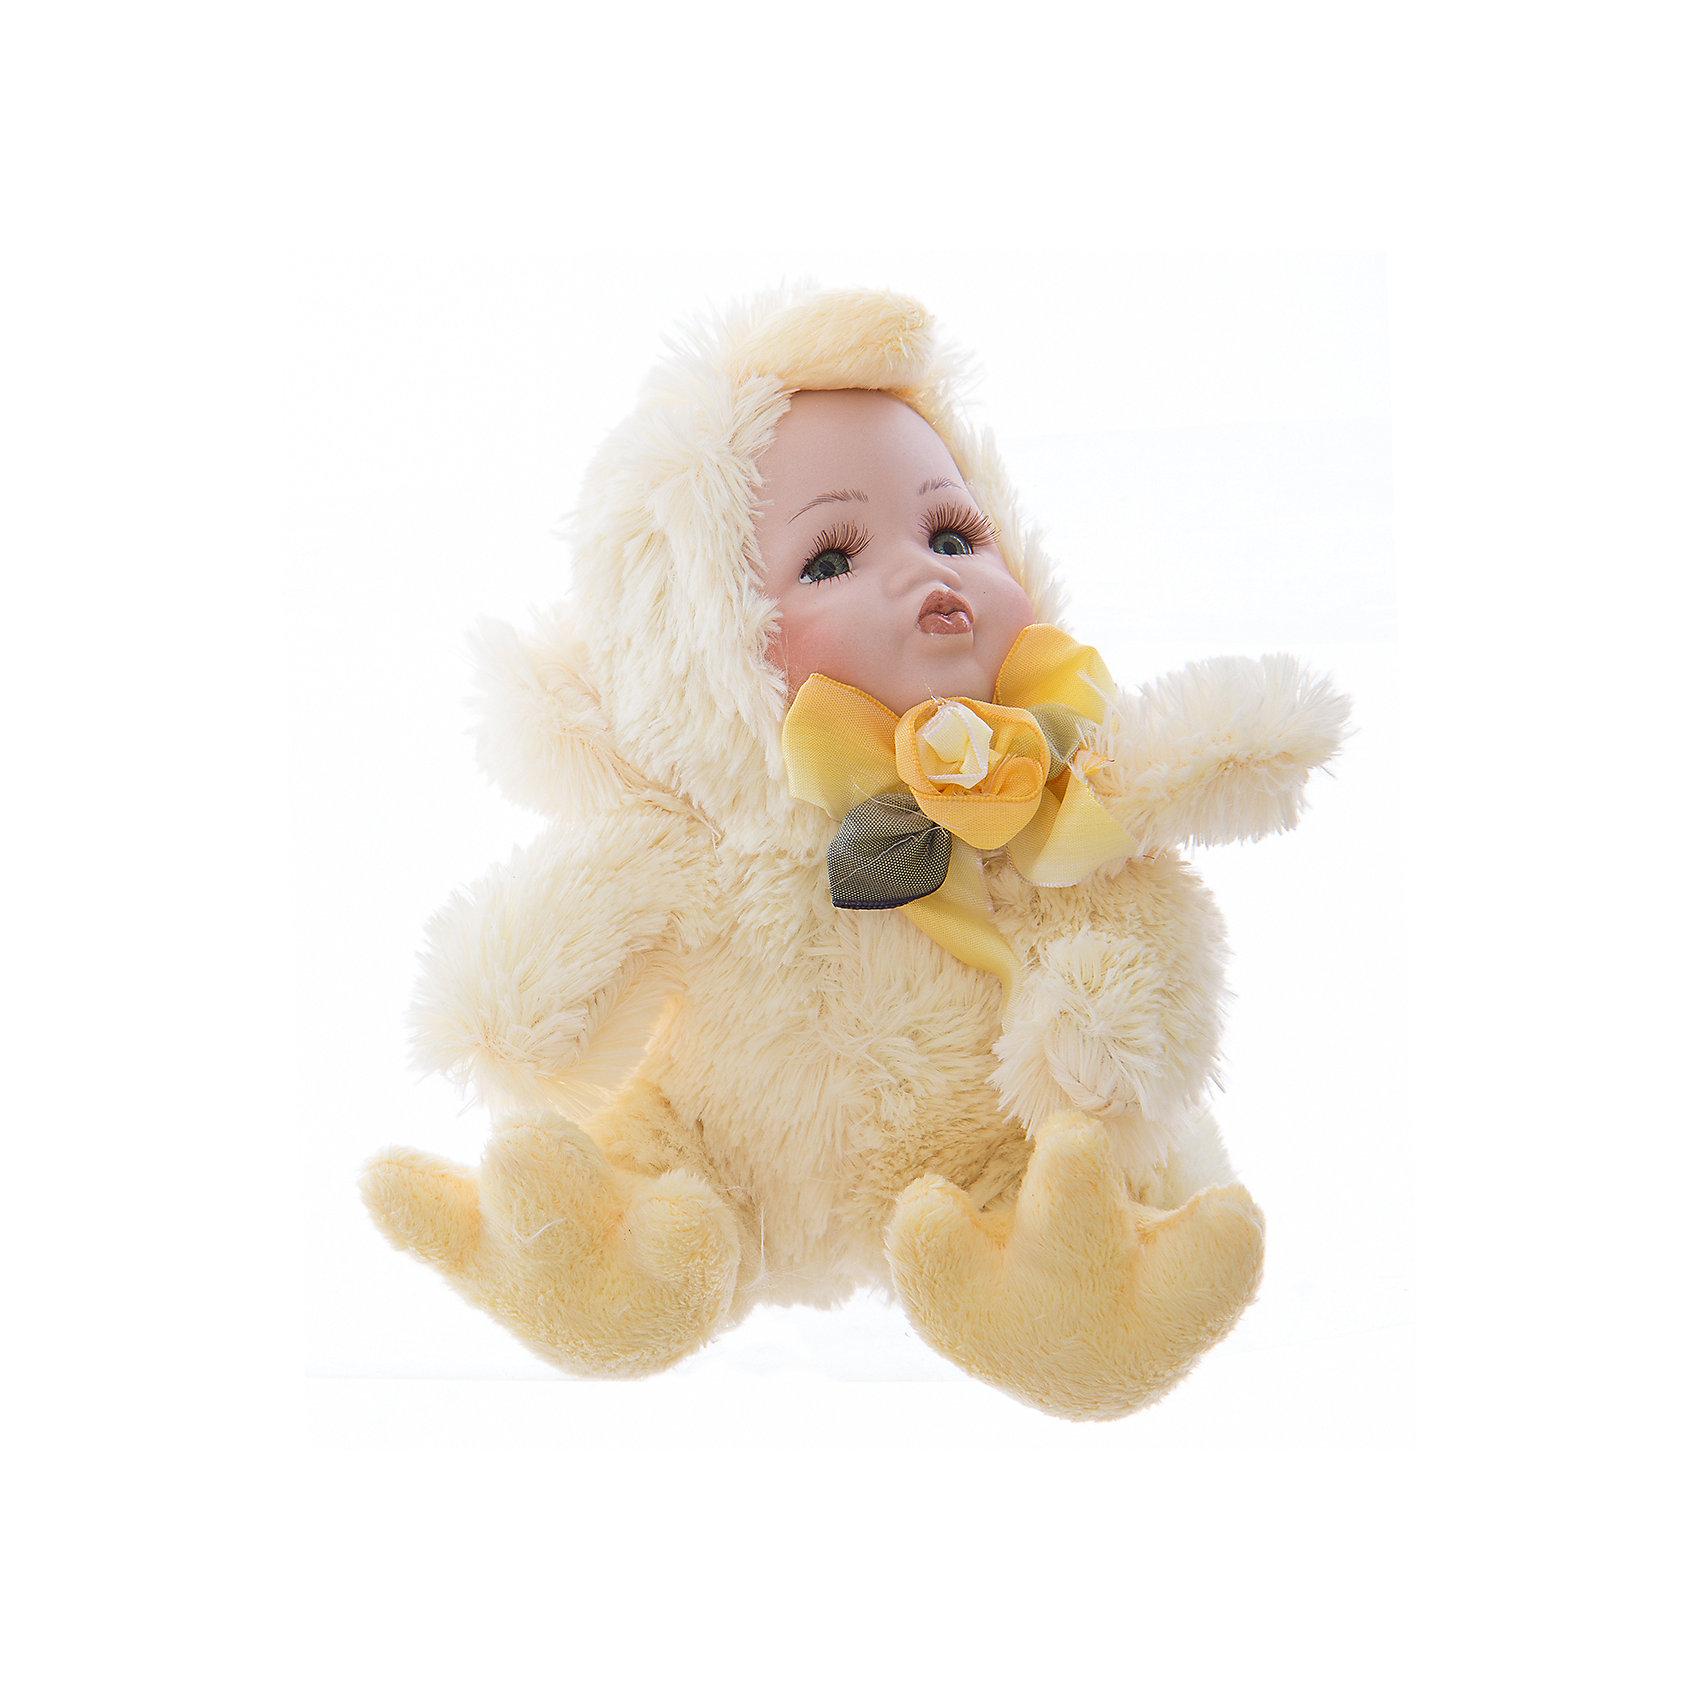 Интерьерная кукла Цыпленок C21-108053, EstroПредметы интерьера<br>Характеристики интерьерной куклы:<br><br>- состав: полиэстер, керамика<br>- габариты предмета: 25* 10 *15 см <br>- комплектация: игрушка<br>- тип игрушки: фигурка<br>- вид упаковки: коробка<br>- возрастные ограничения: 3+<br>- бренд: Estro <br>- страна бренда: Италия<br>- страна производитель: Китай<br><br>Интерьерная кукла торговой марки Estro будет лучшим украшением Вашего дома и самый памятным подарком для тех, кого Вы любите. Игрушка изготовлена из качественных материалов приятной расцветки. Ее внешний вид продуман до мелочей. <br><br>Интерьерную куклу цыпленок итальянской торговой марки Estro можно купить в нашем интернет-магазине.<br><br>Ширина мм: 100<br>Глубина мм: 150<br>Высота мм: 250<br>Вес г: 132<br>Возраст от месяцев: 36<br>Возраст до месяцев: 1188<br>Пол: Унисекс<br>Возраст: Детский<br>SKU: 5356640